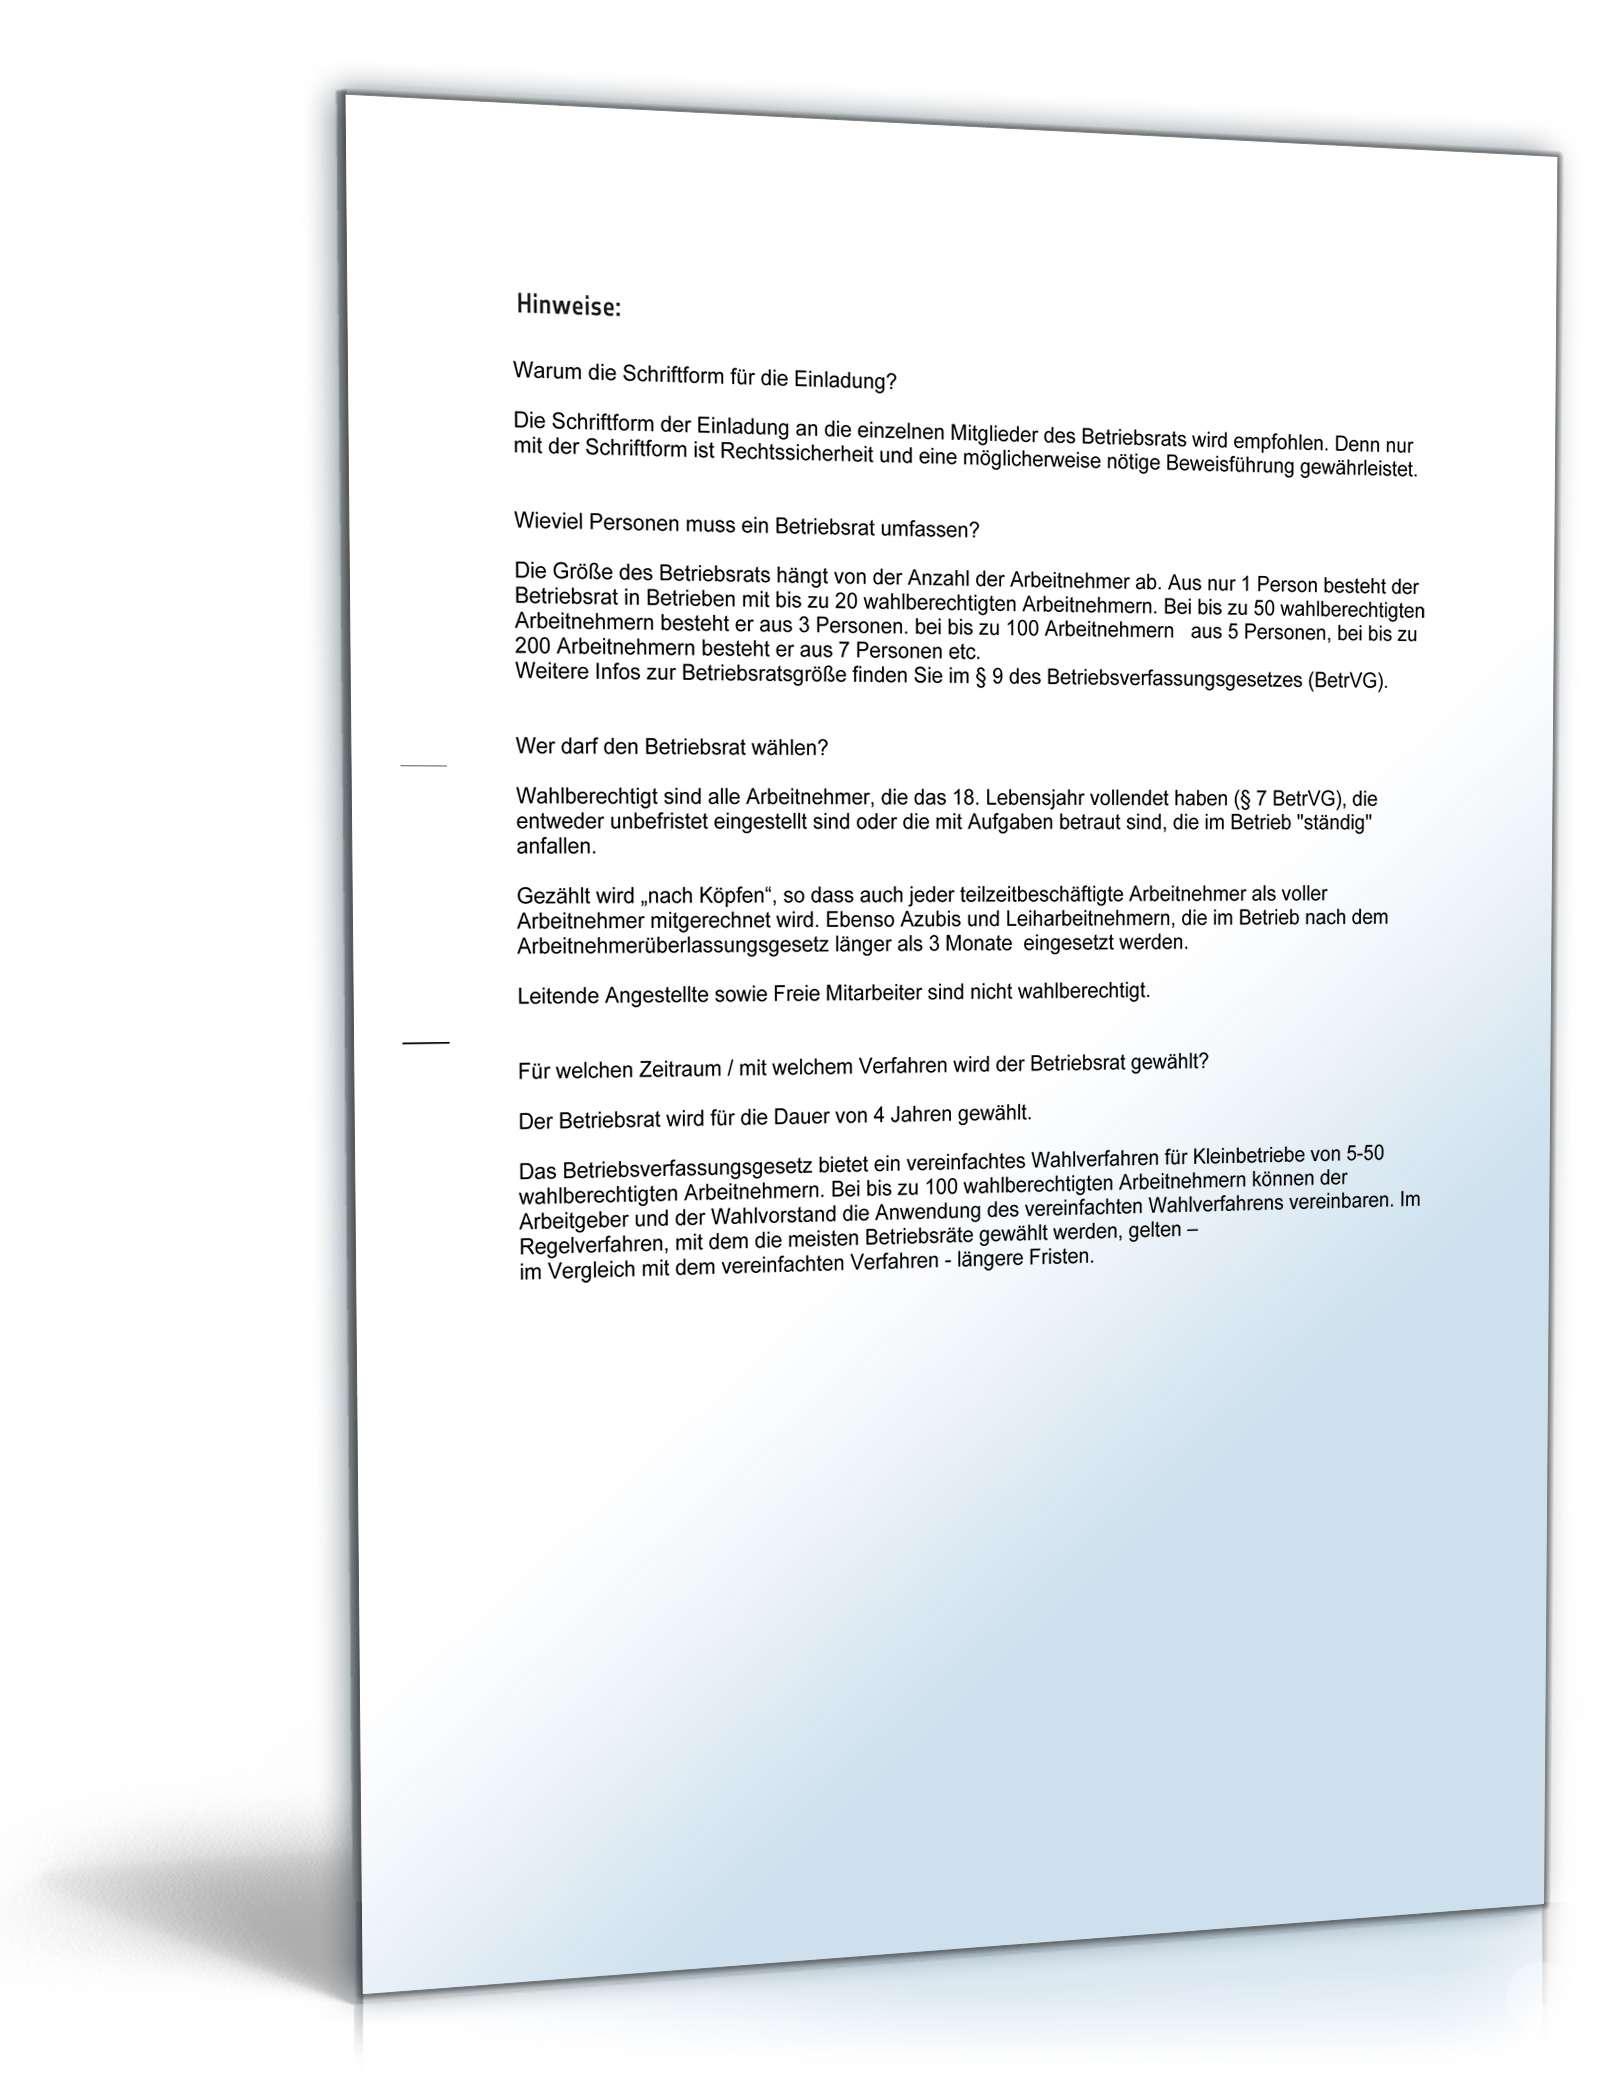 Einladung Konstituierende Sitzung Betriebsrat